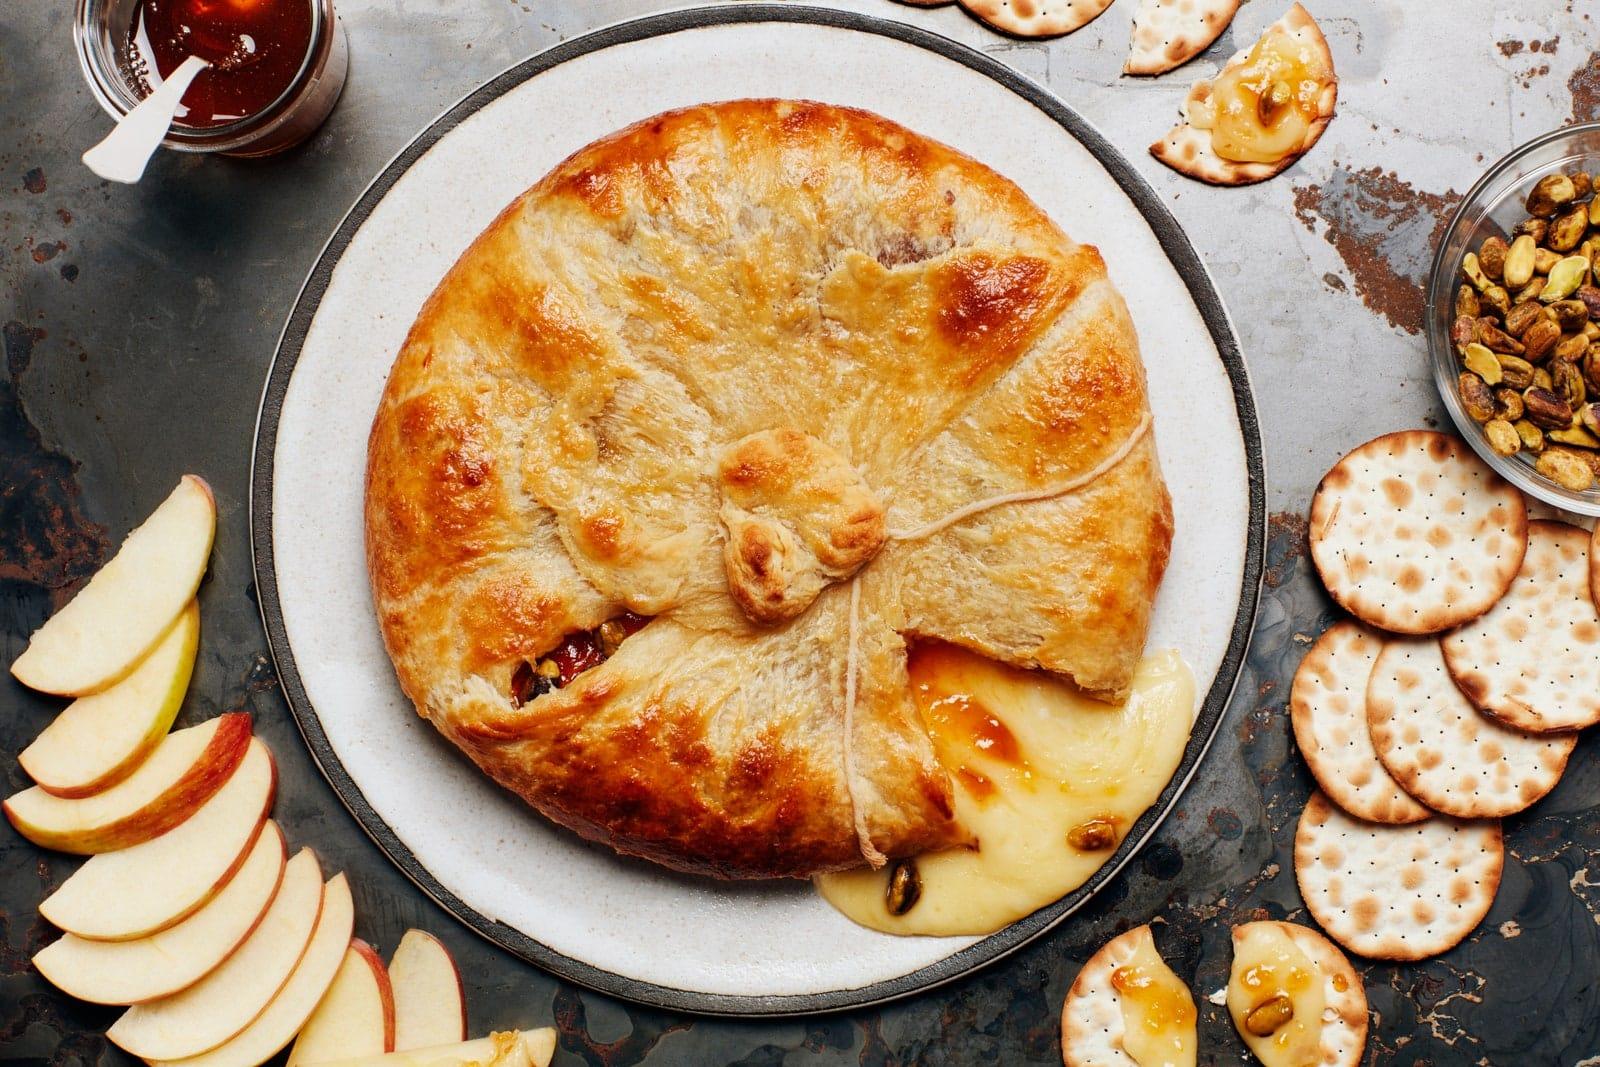 La imagen puede contener Comida Postre Pastel Pastel Plato Comida Huevo Pan y pizza